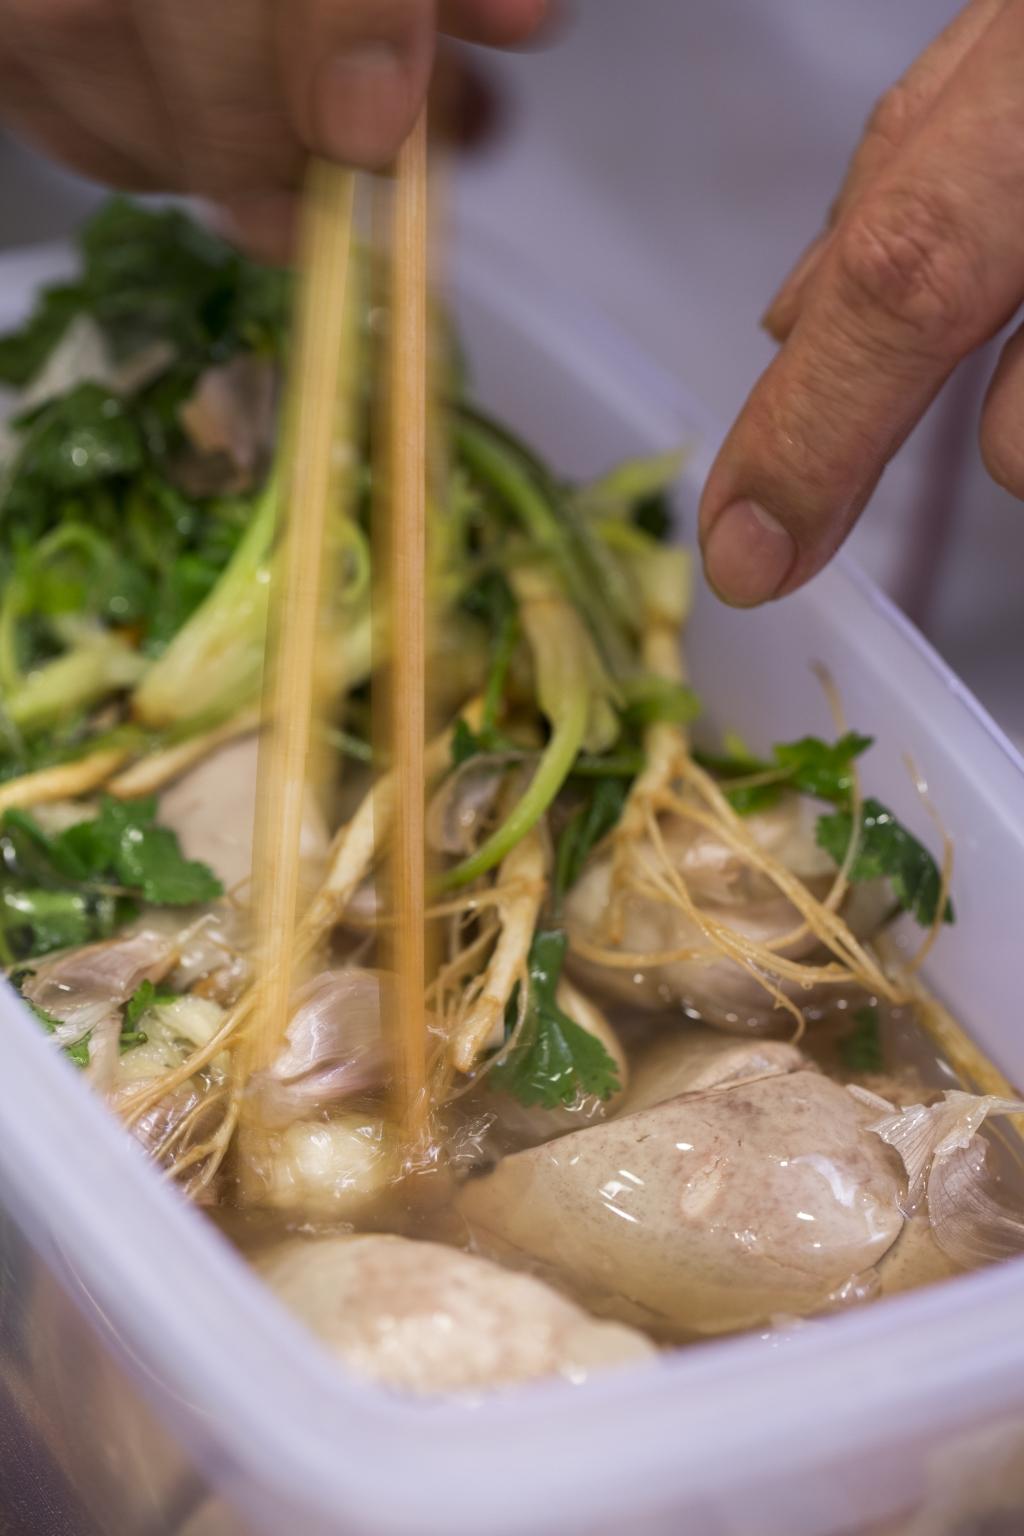 先煮後浸一整天鵝鵝肝被滷出清芳的魚露芫荽香。